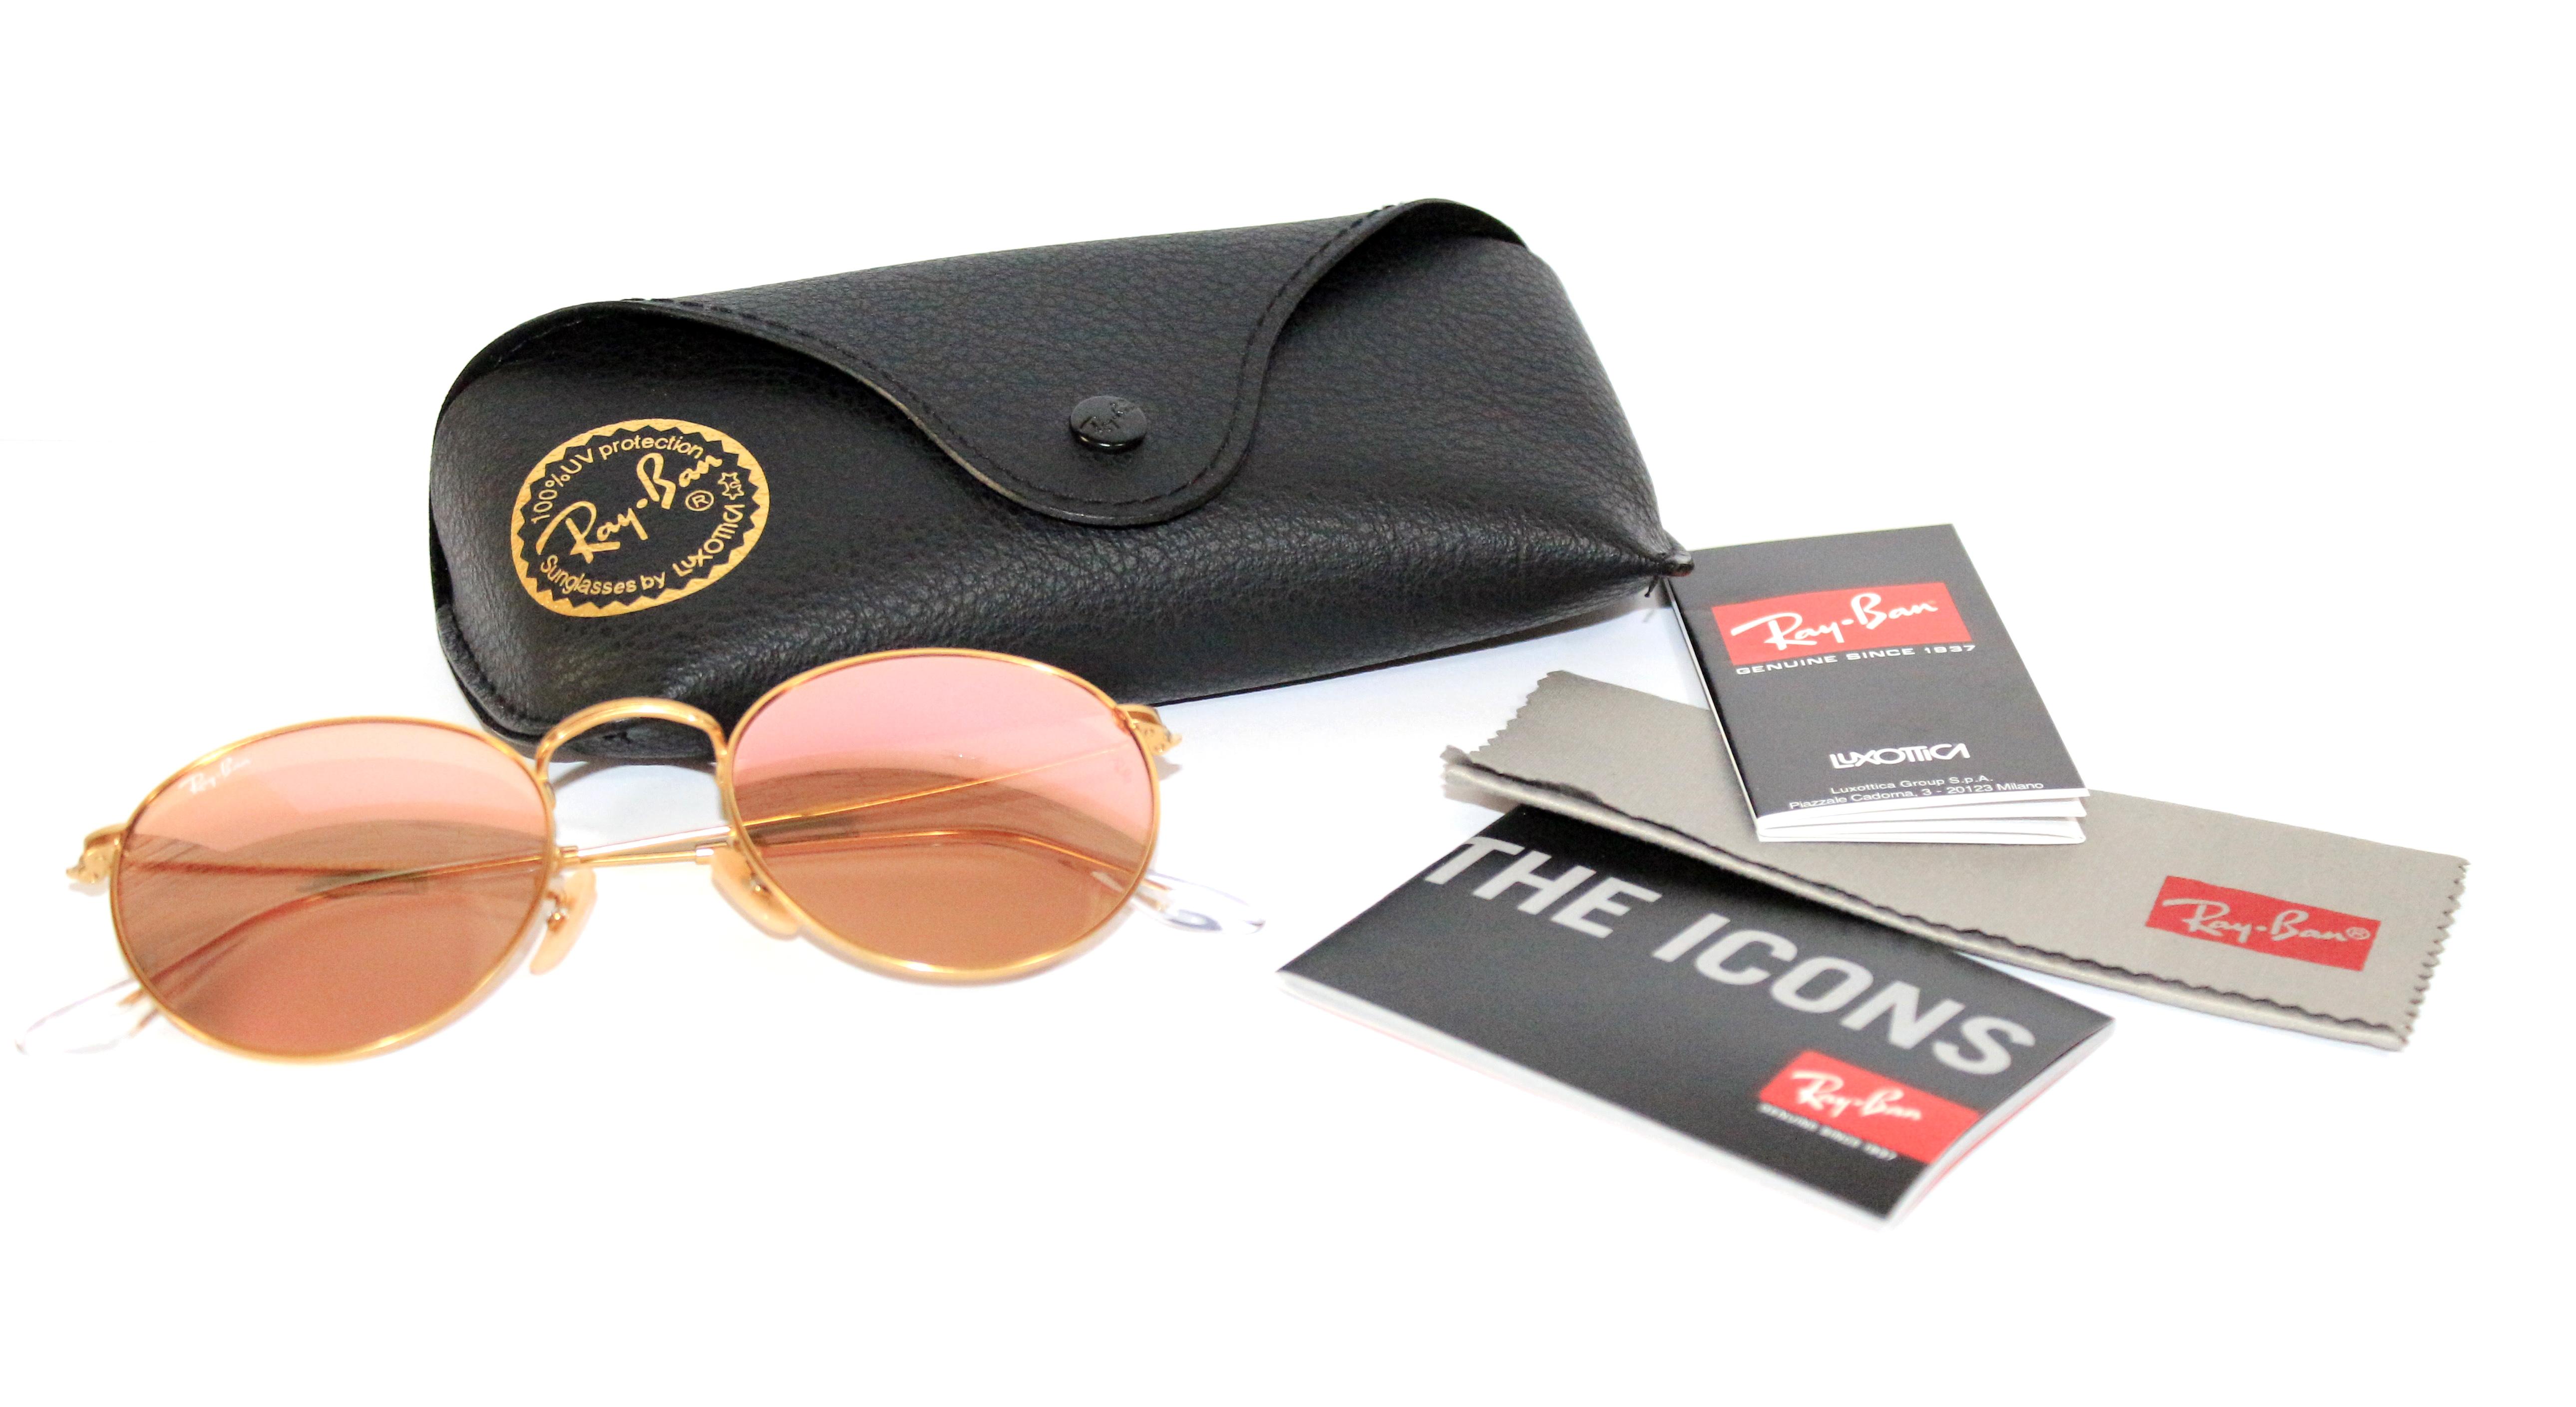 Круглі окуляри Ray Ban в продажі з гарантією d408585f5a30c